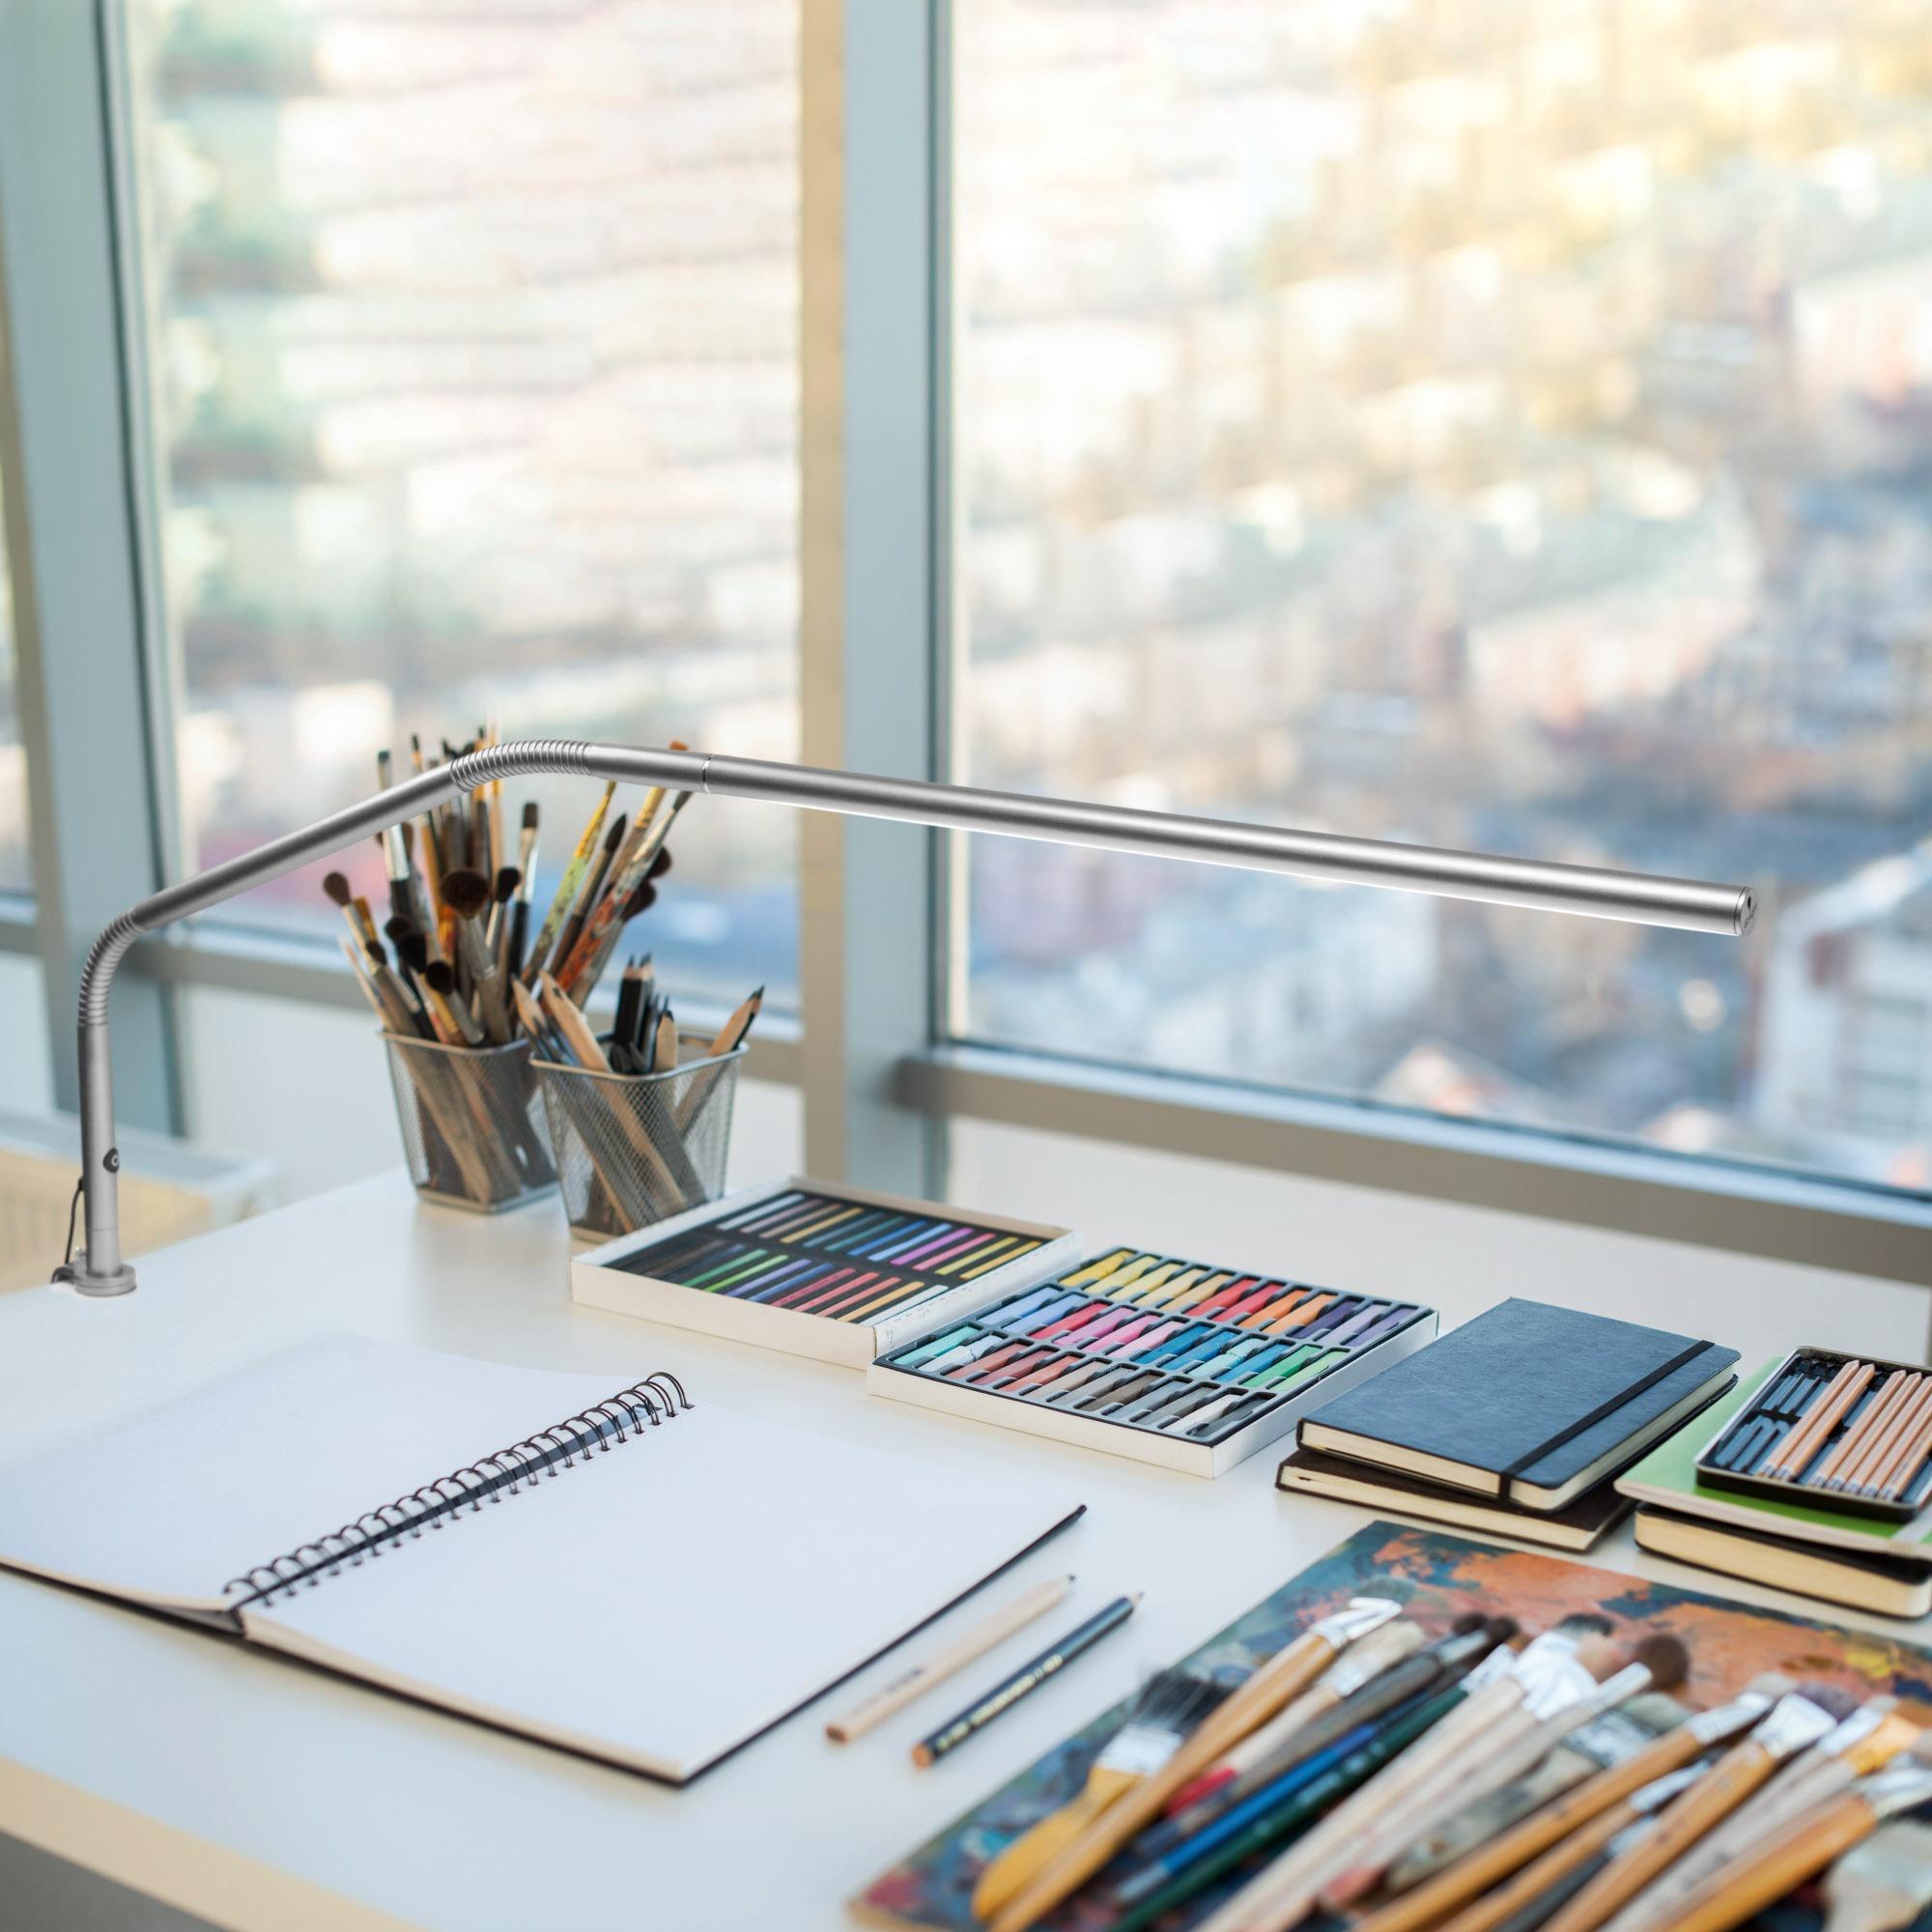 Slimline 3 Table Artist Desk Lamp